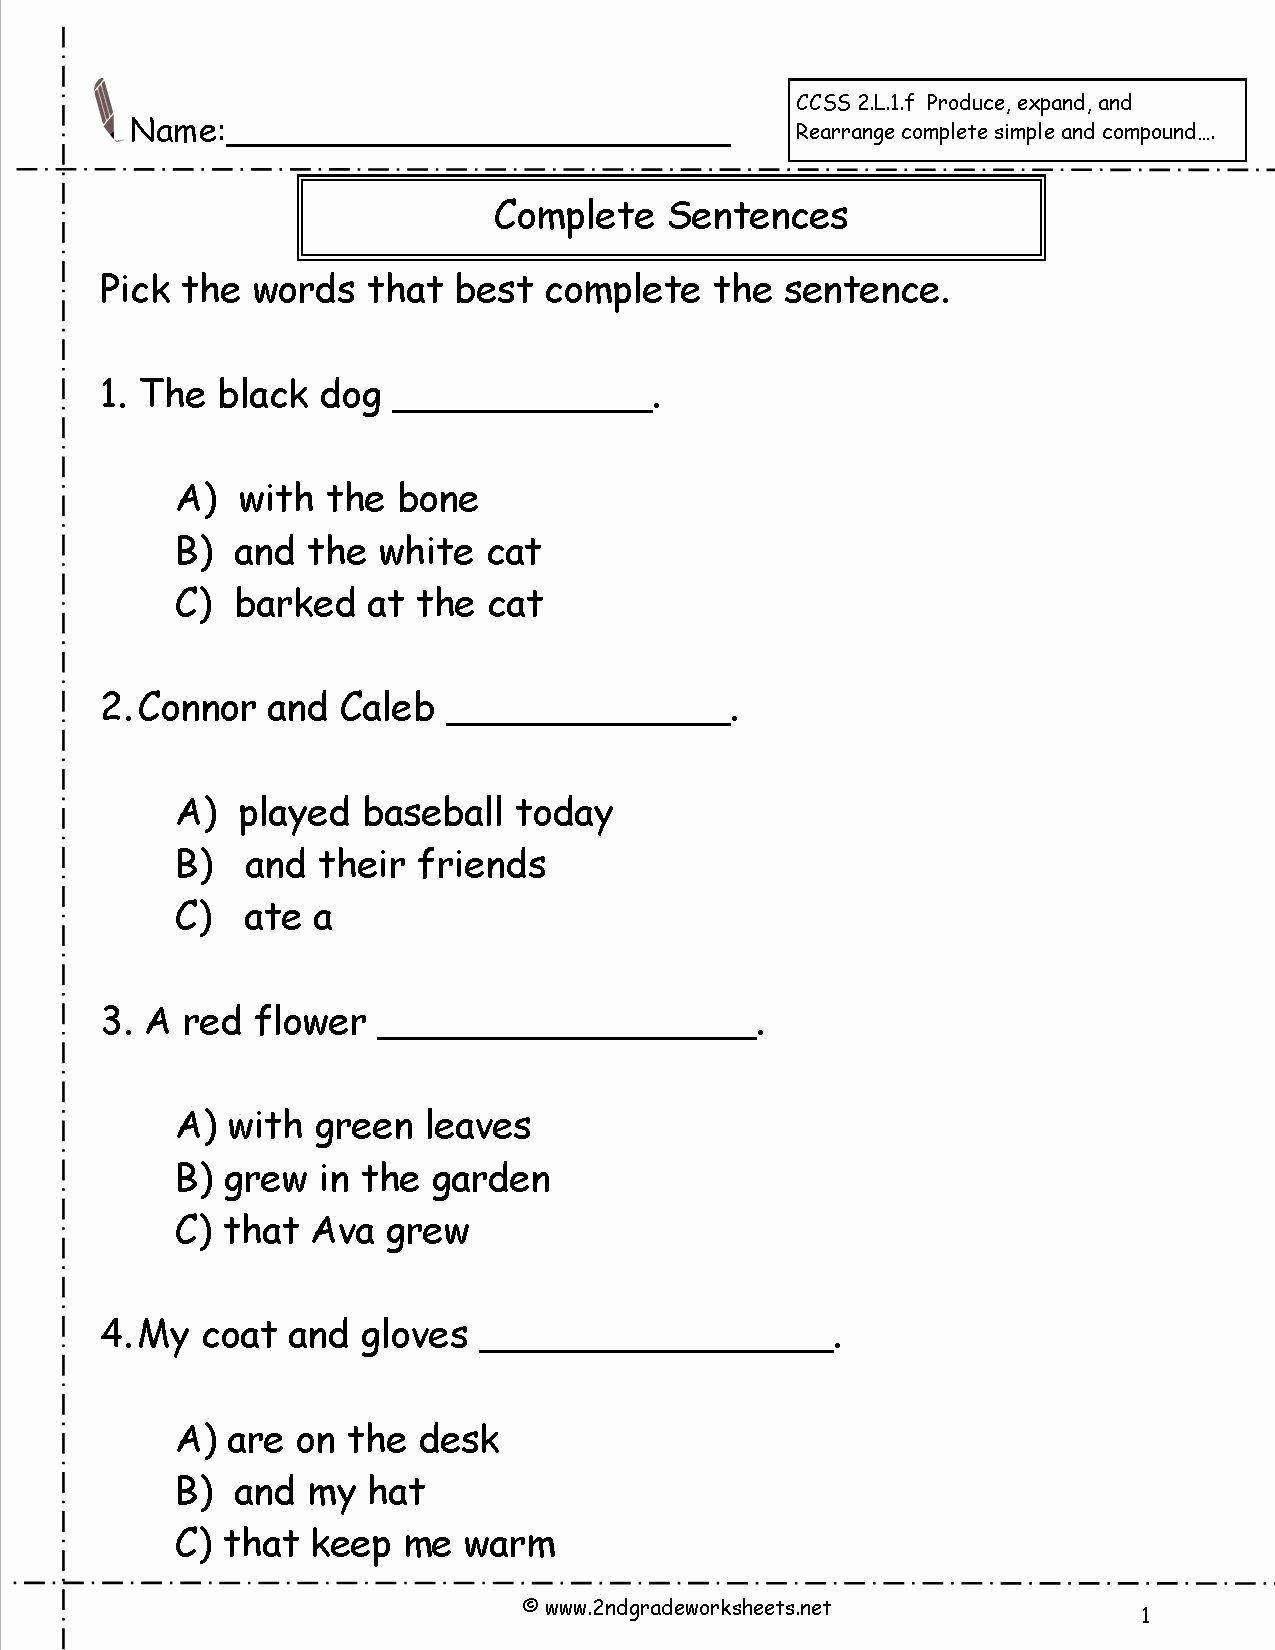 Complete Sentences Worksheets 1st Grade Inspirational Worksheet Remarkable Grade Reading Sentences Image Ideas